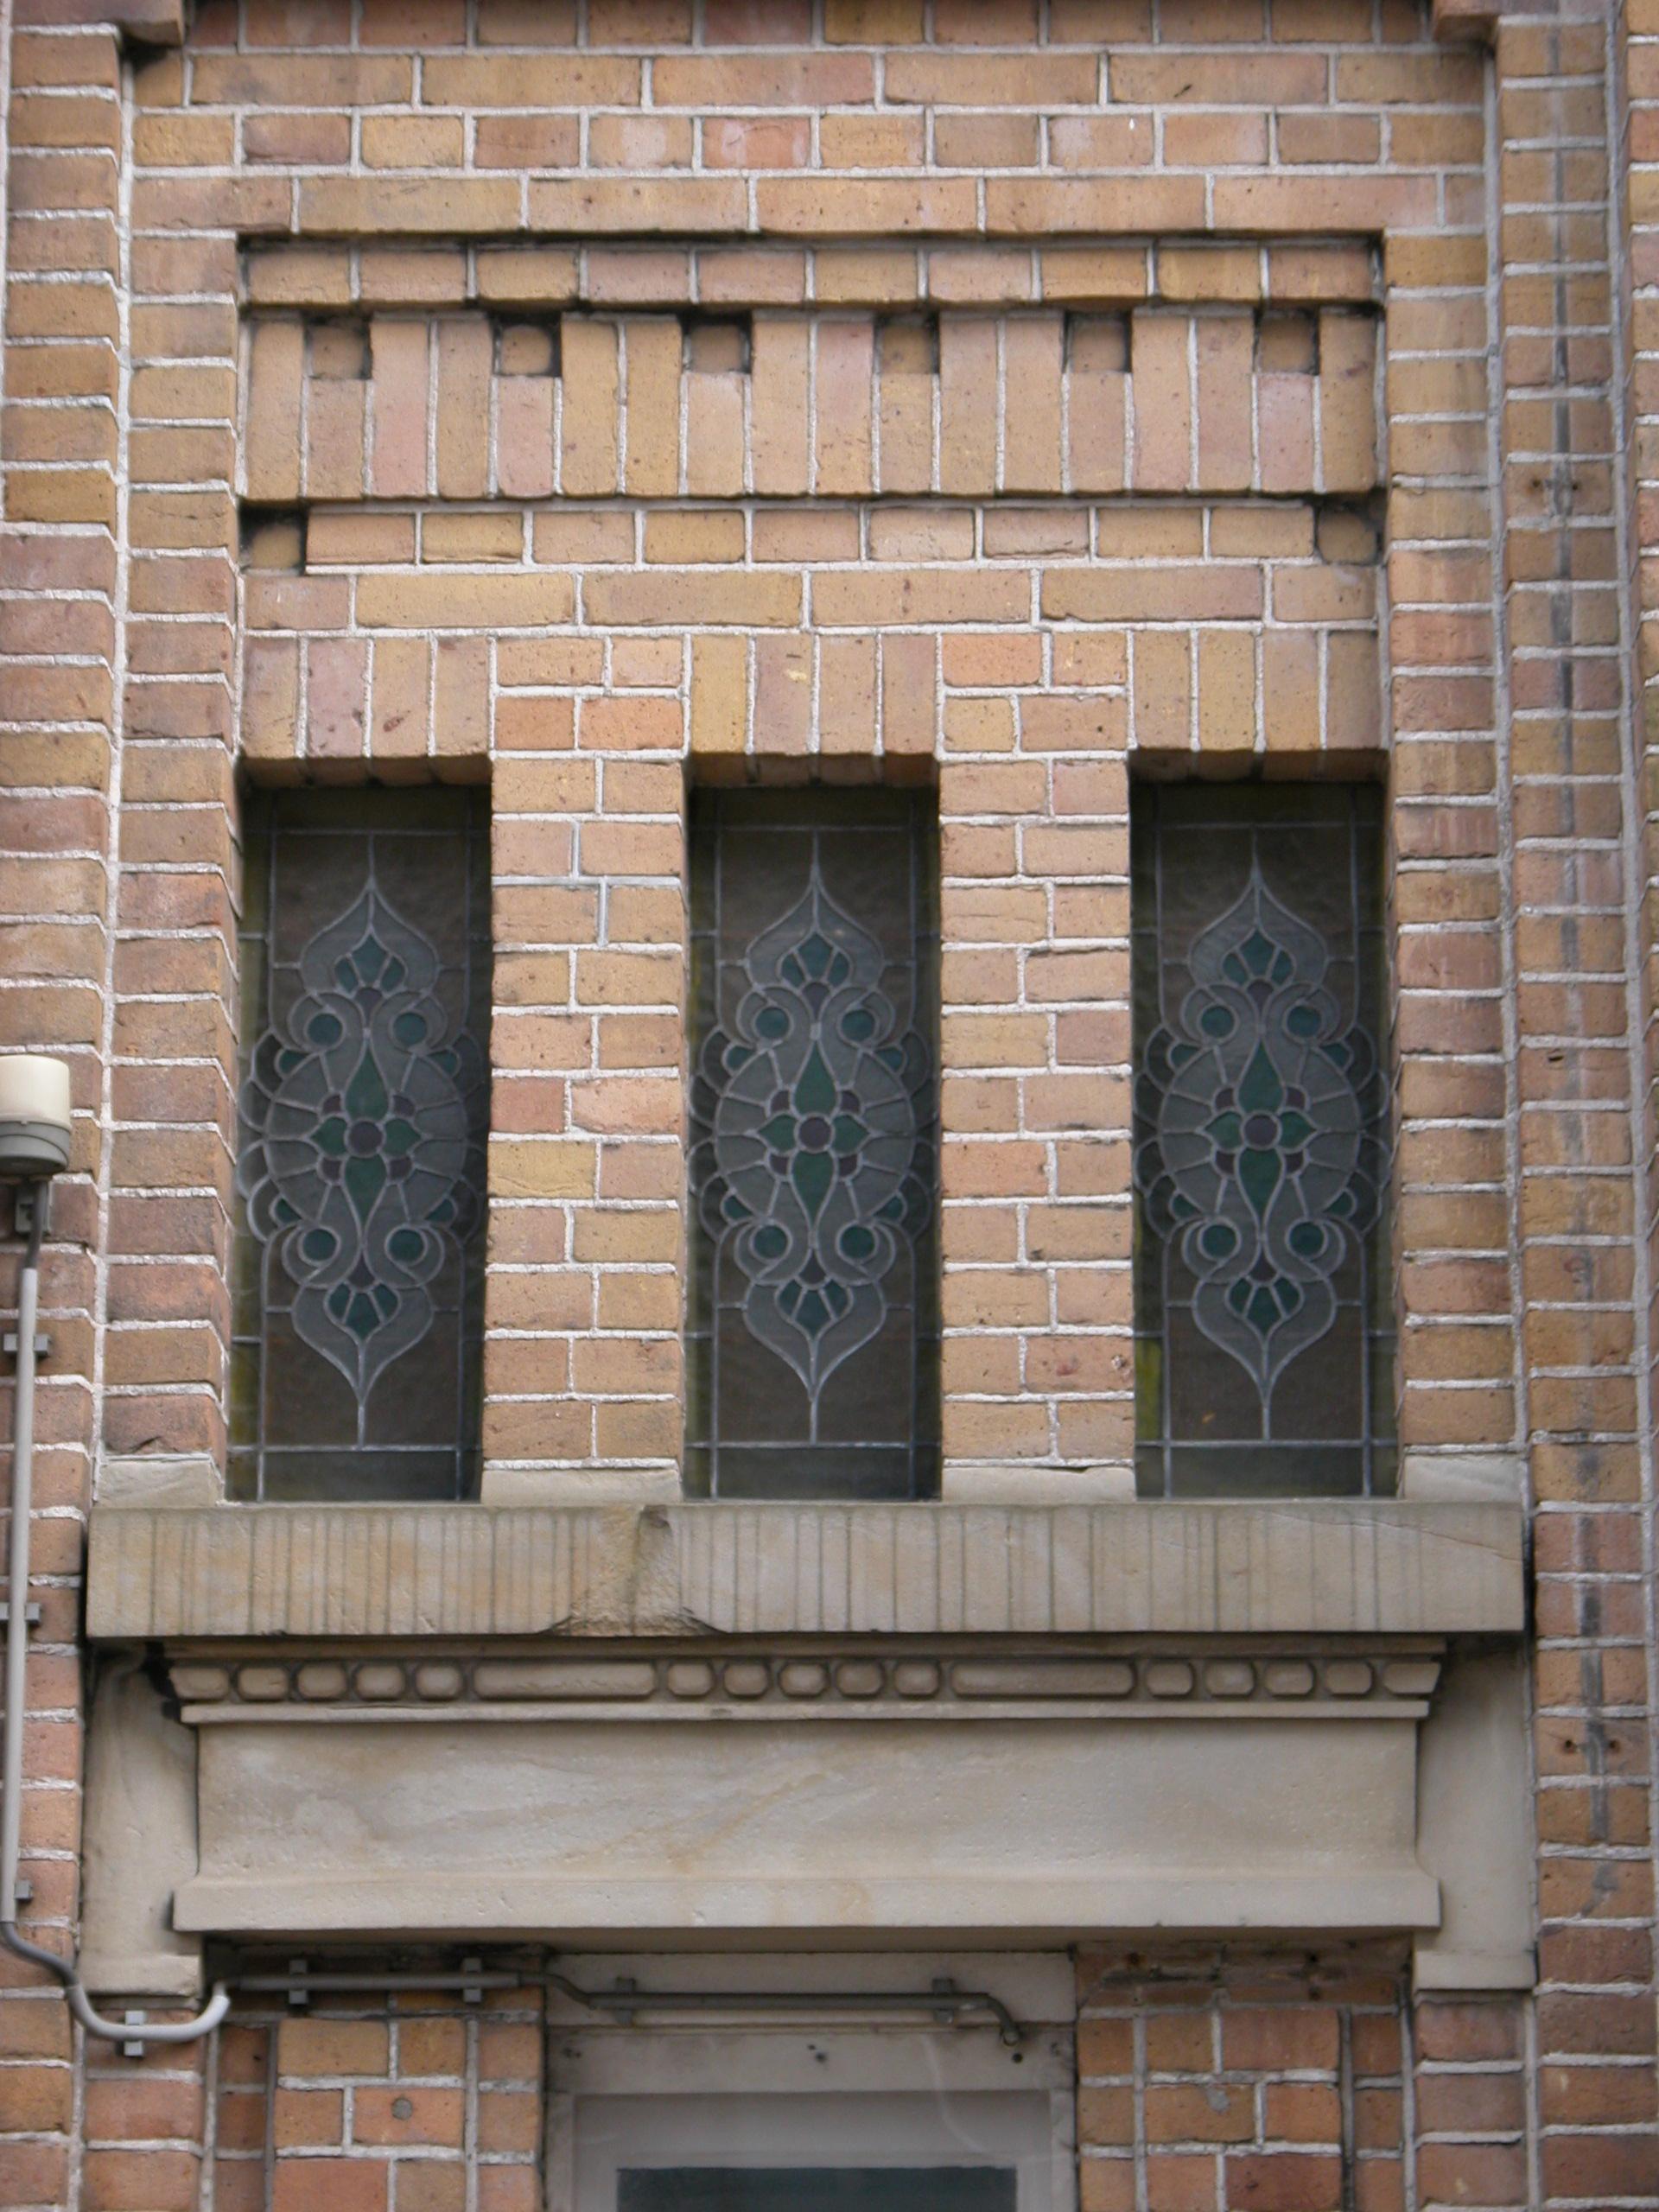 wall front bank bricks windows